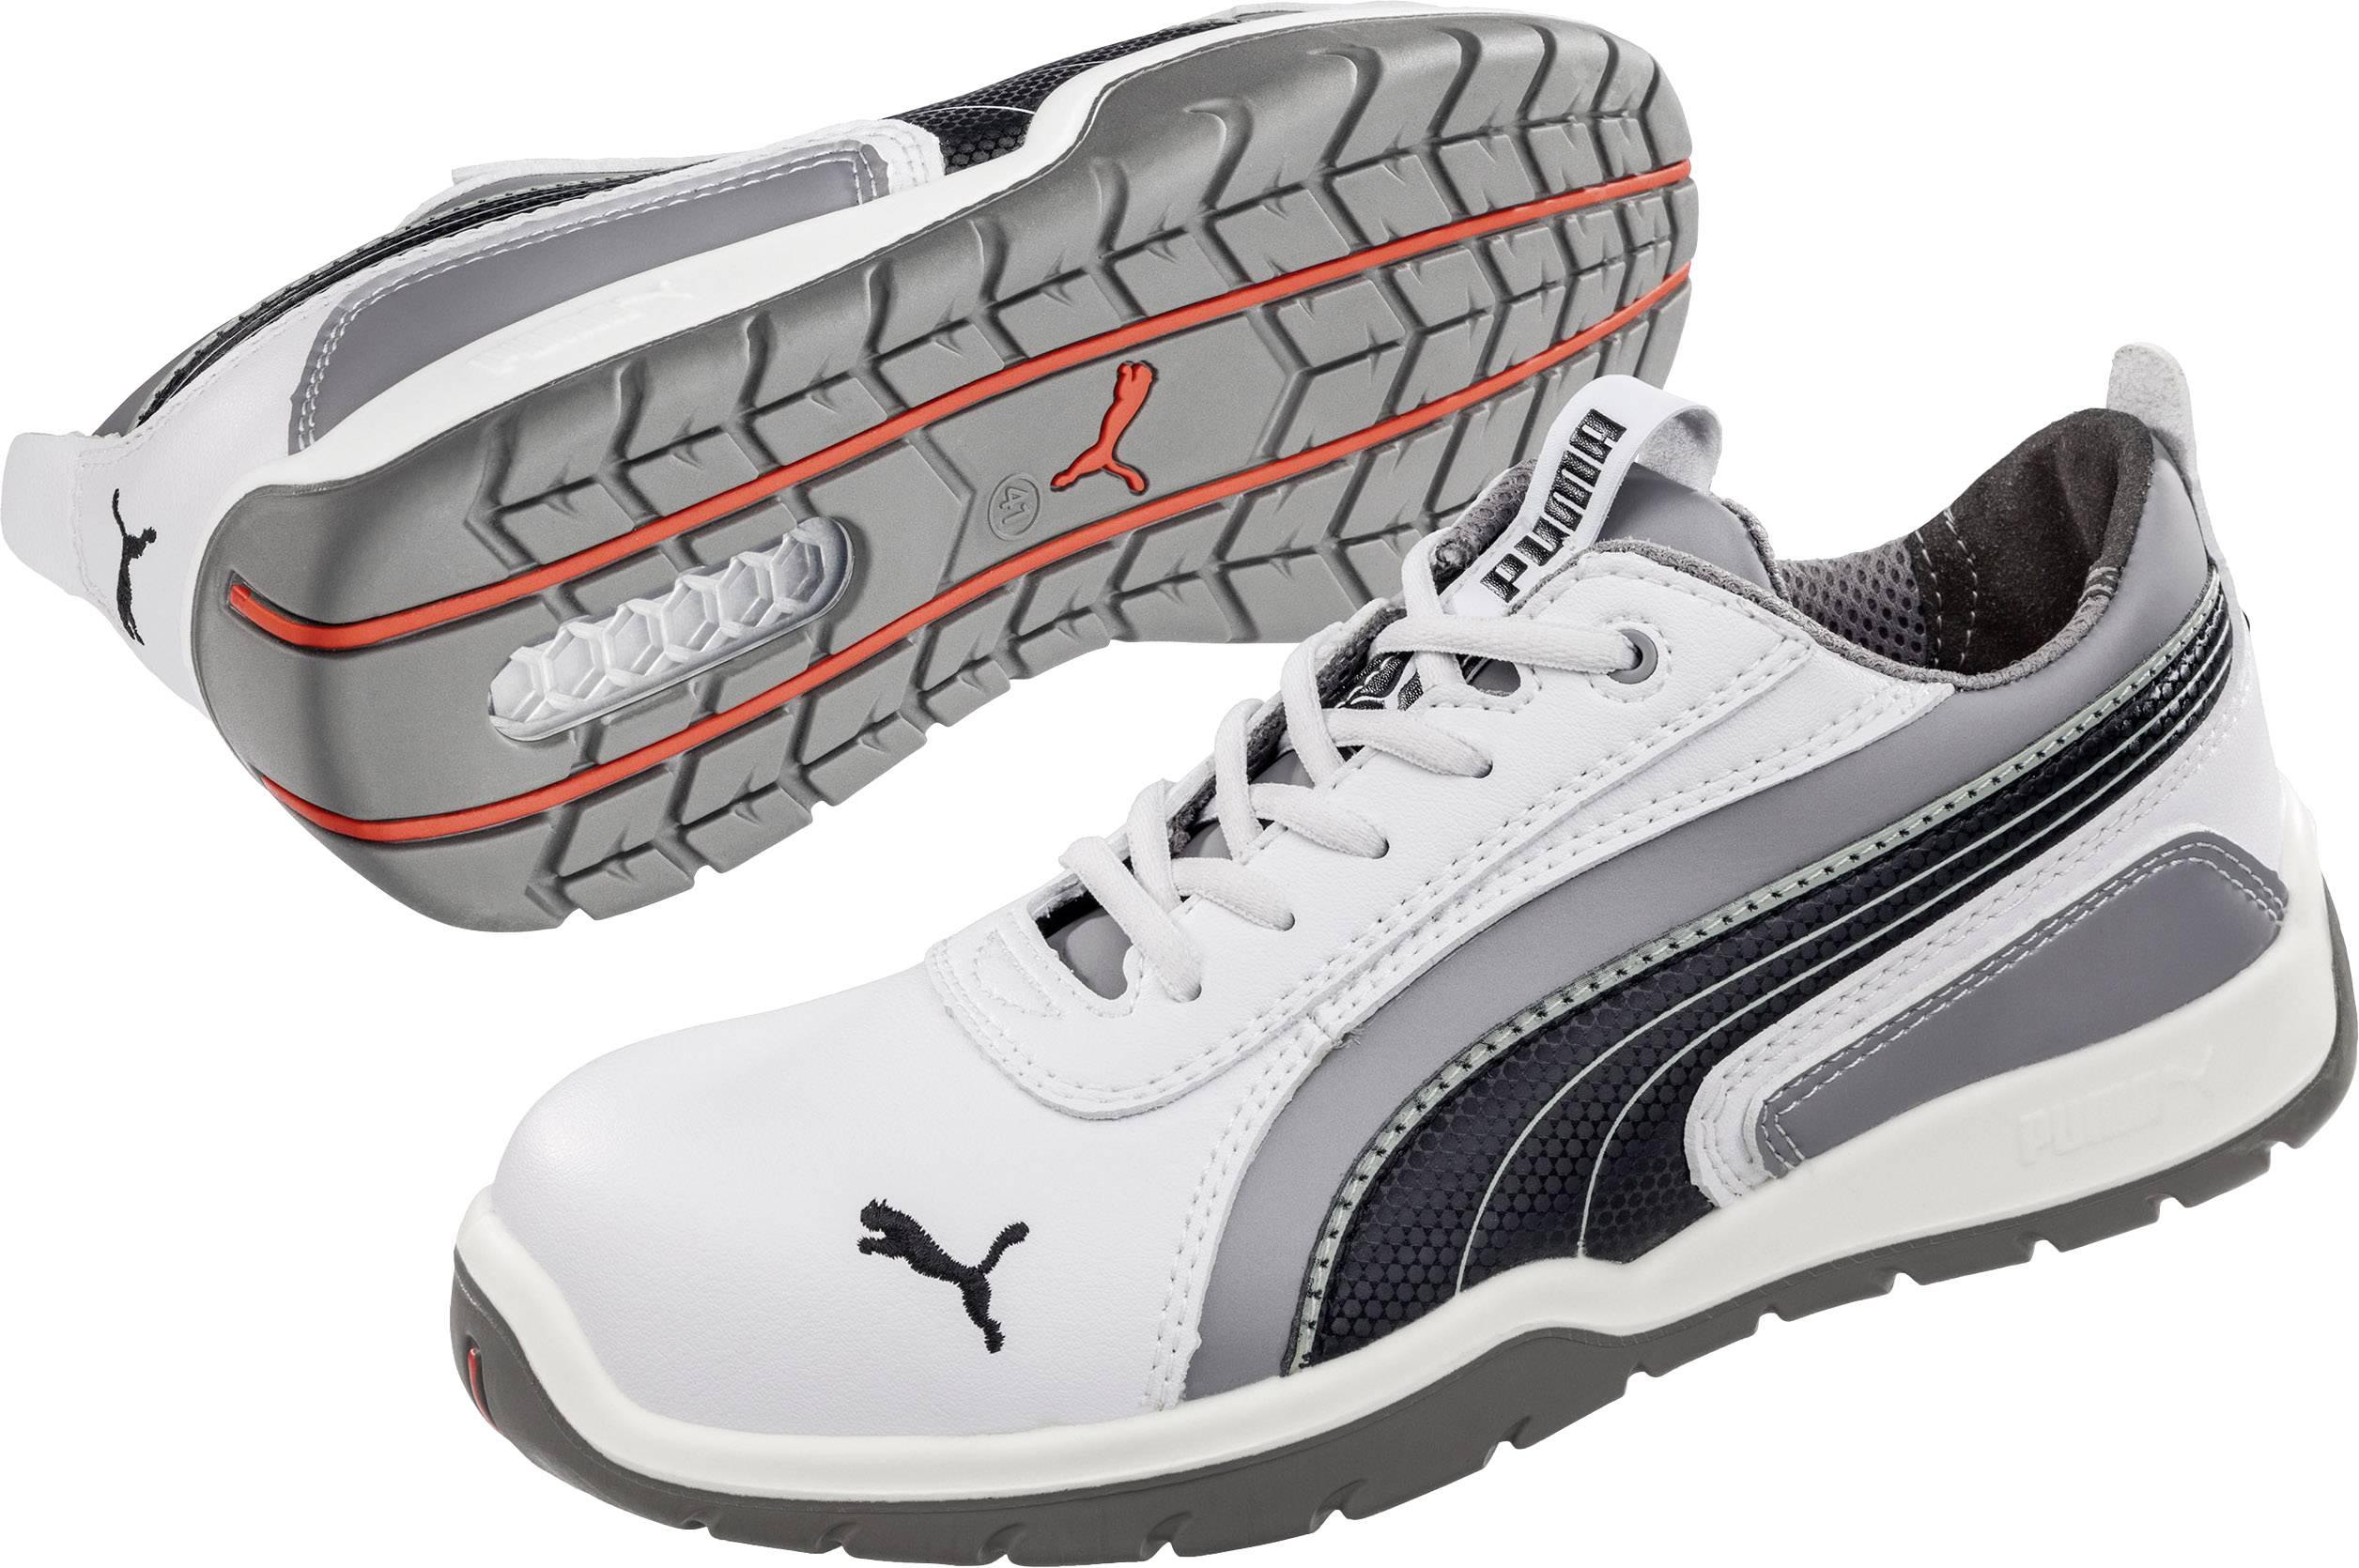 Nízká bezpečnostní obuv PUMA Safety Monaco Low 642650, S3, vel. 40, 1 pár